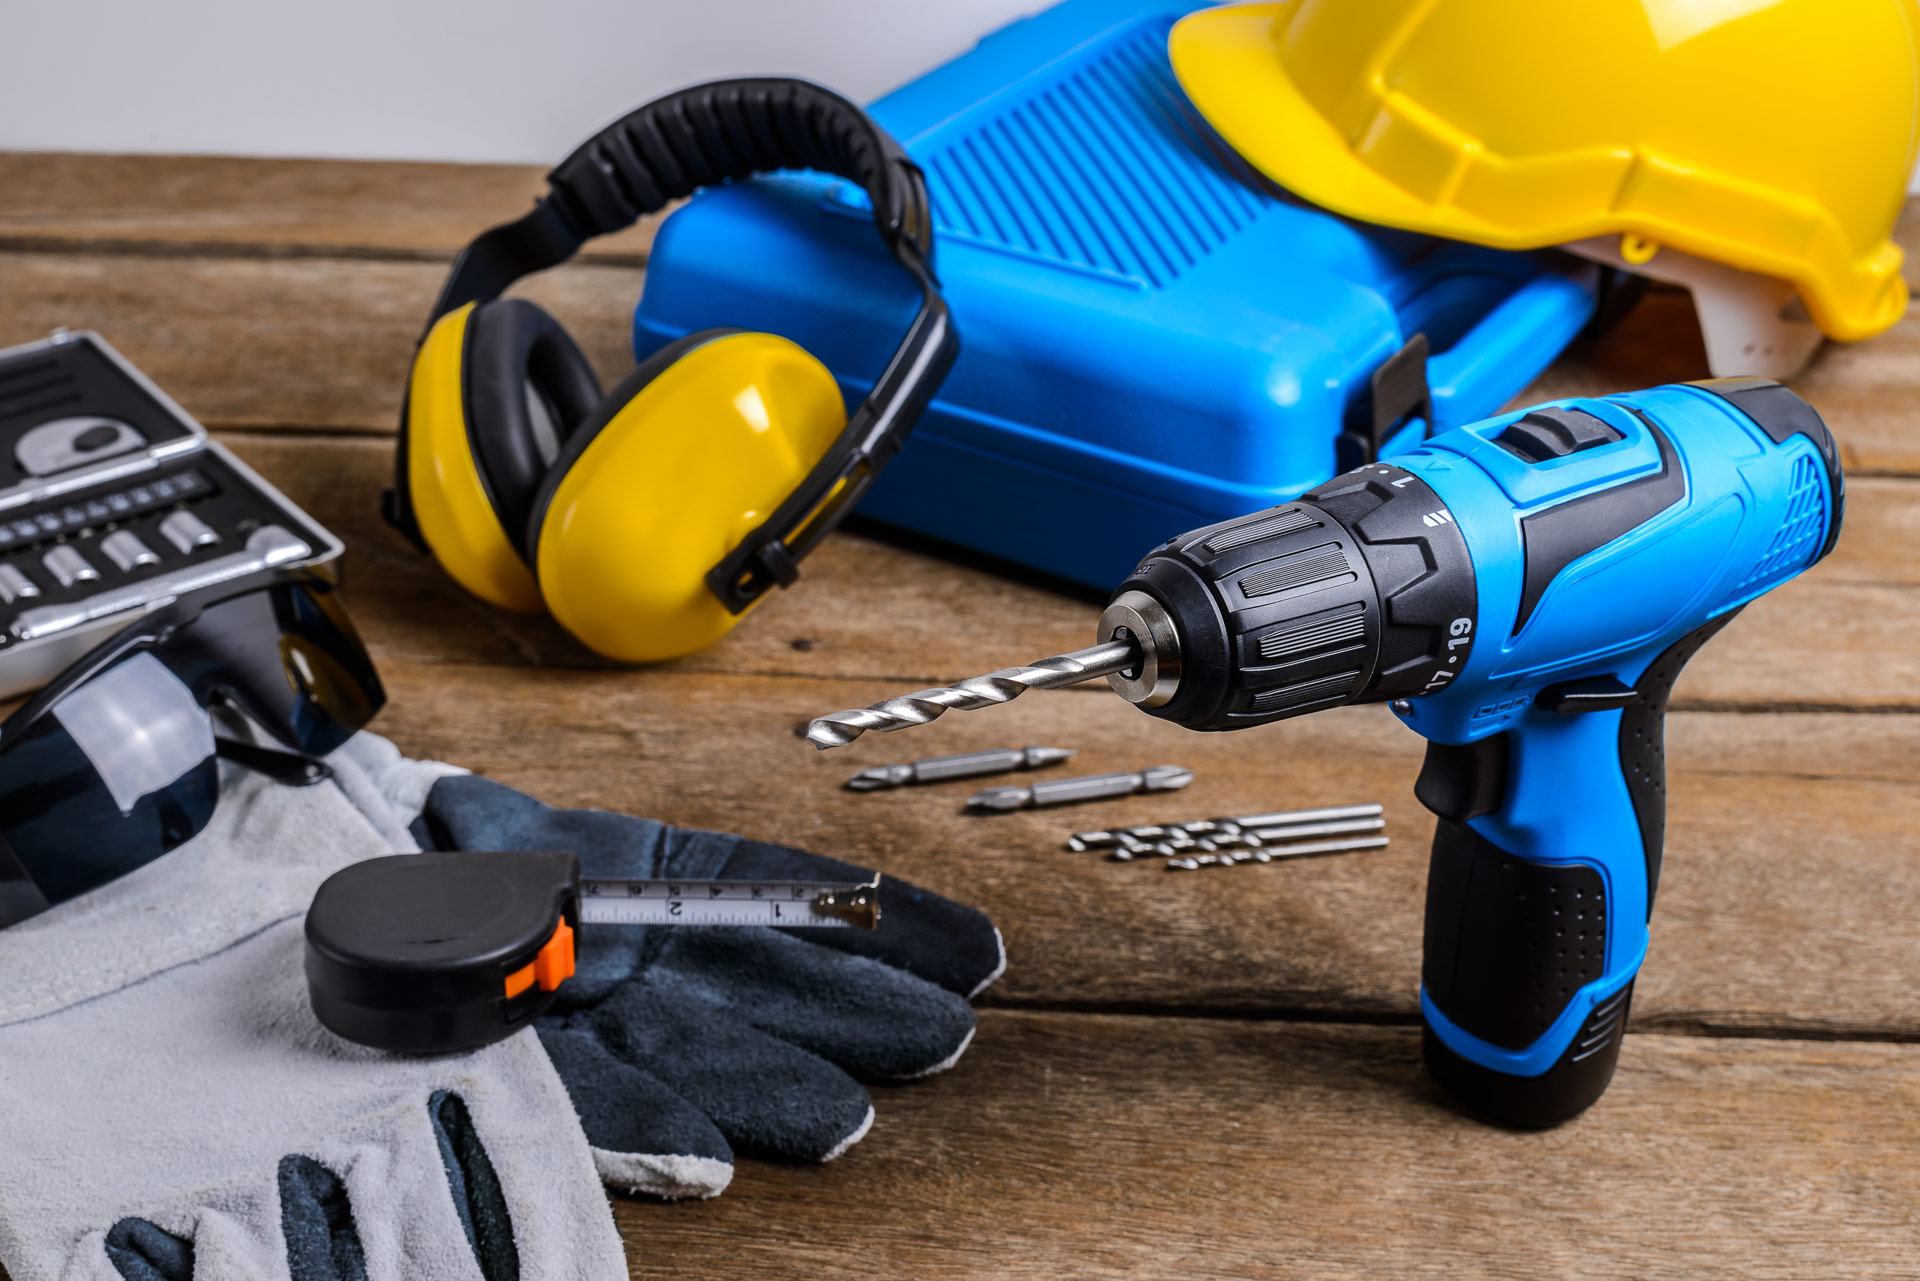 blåa verktyg på trägolv